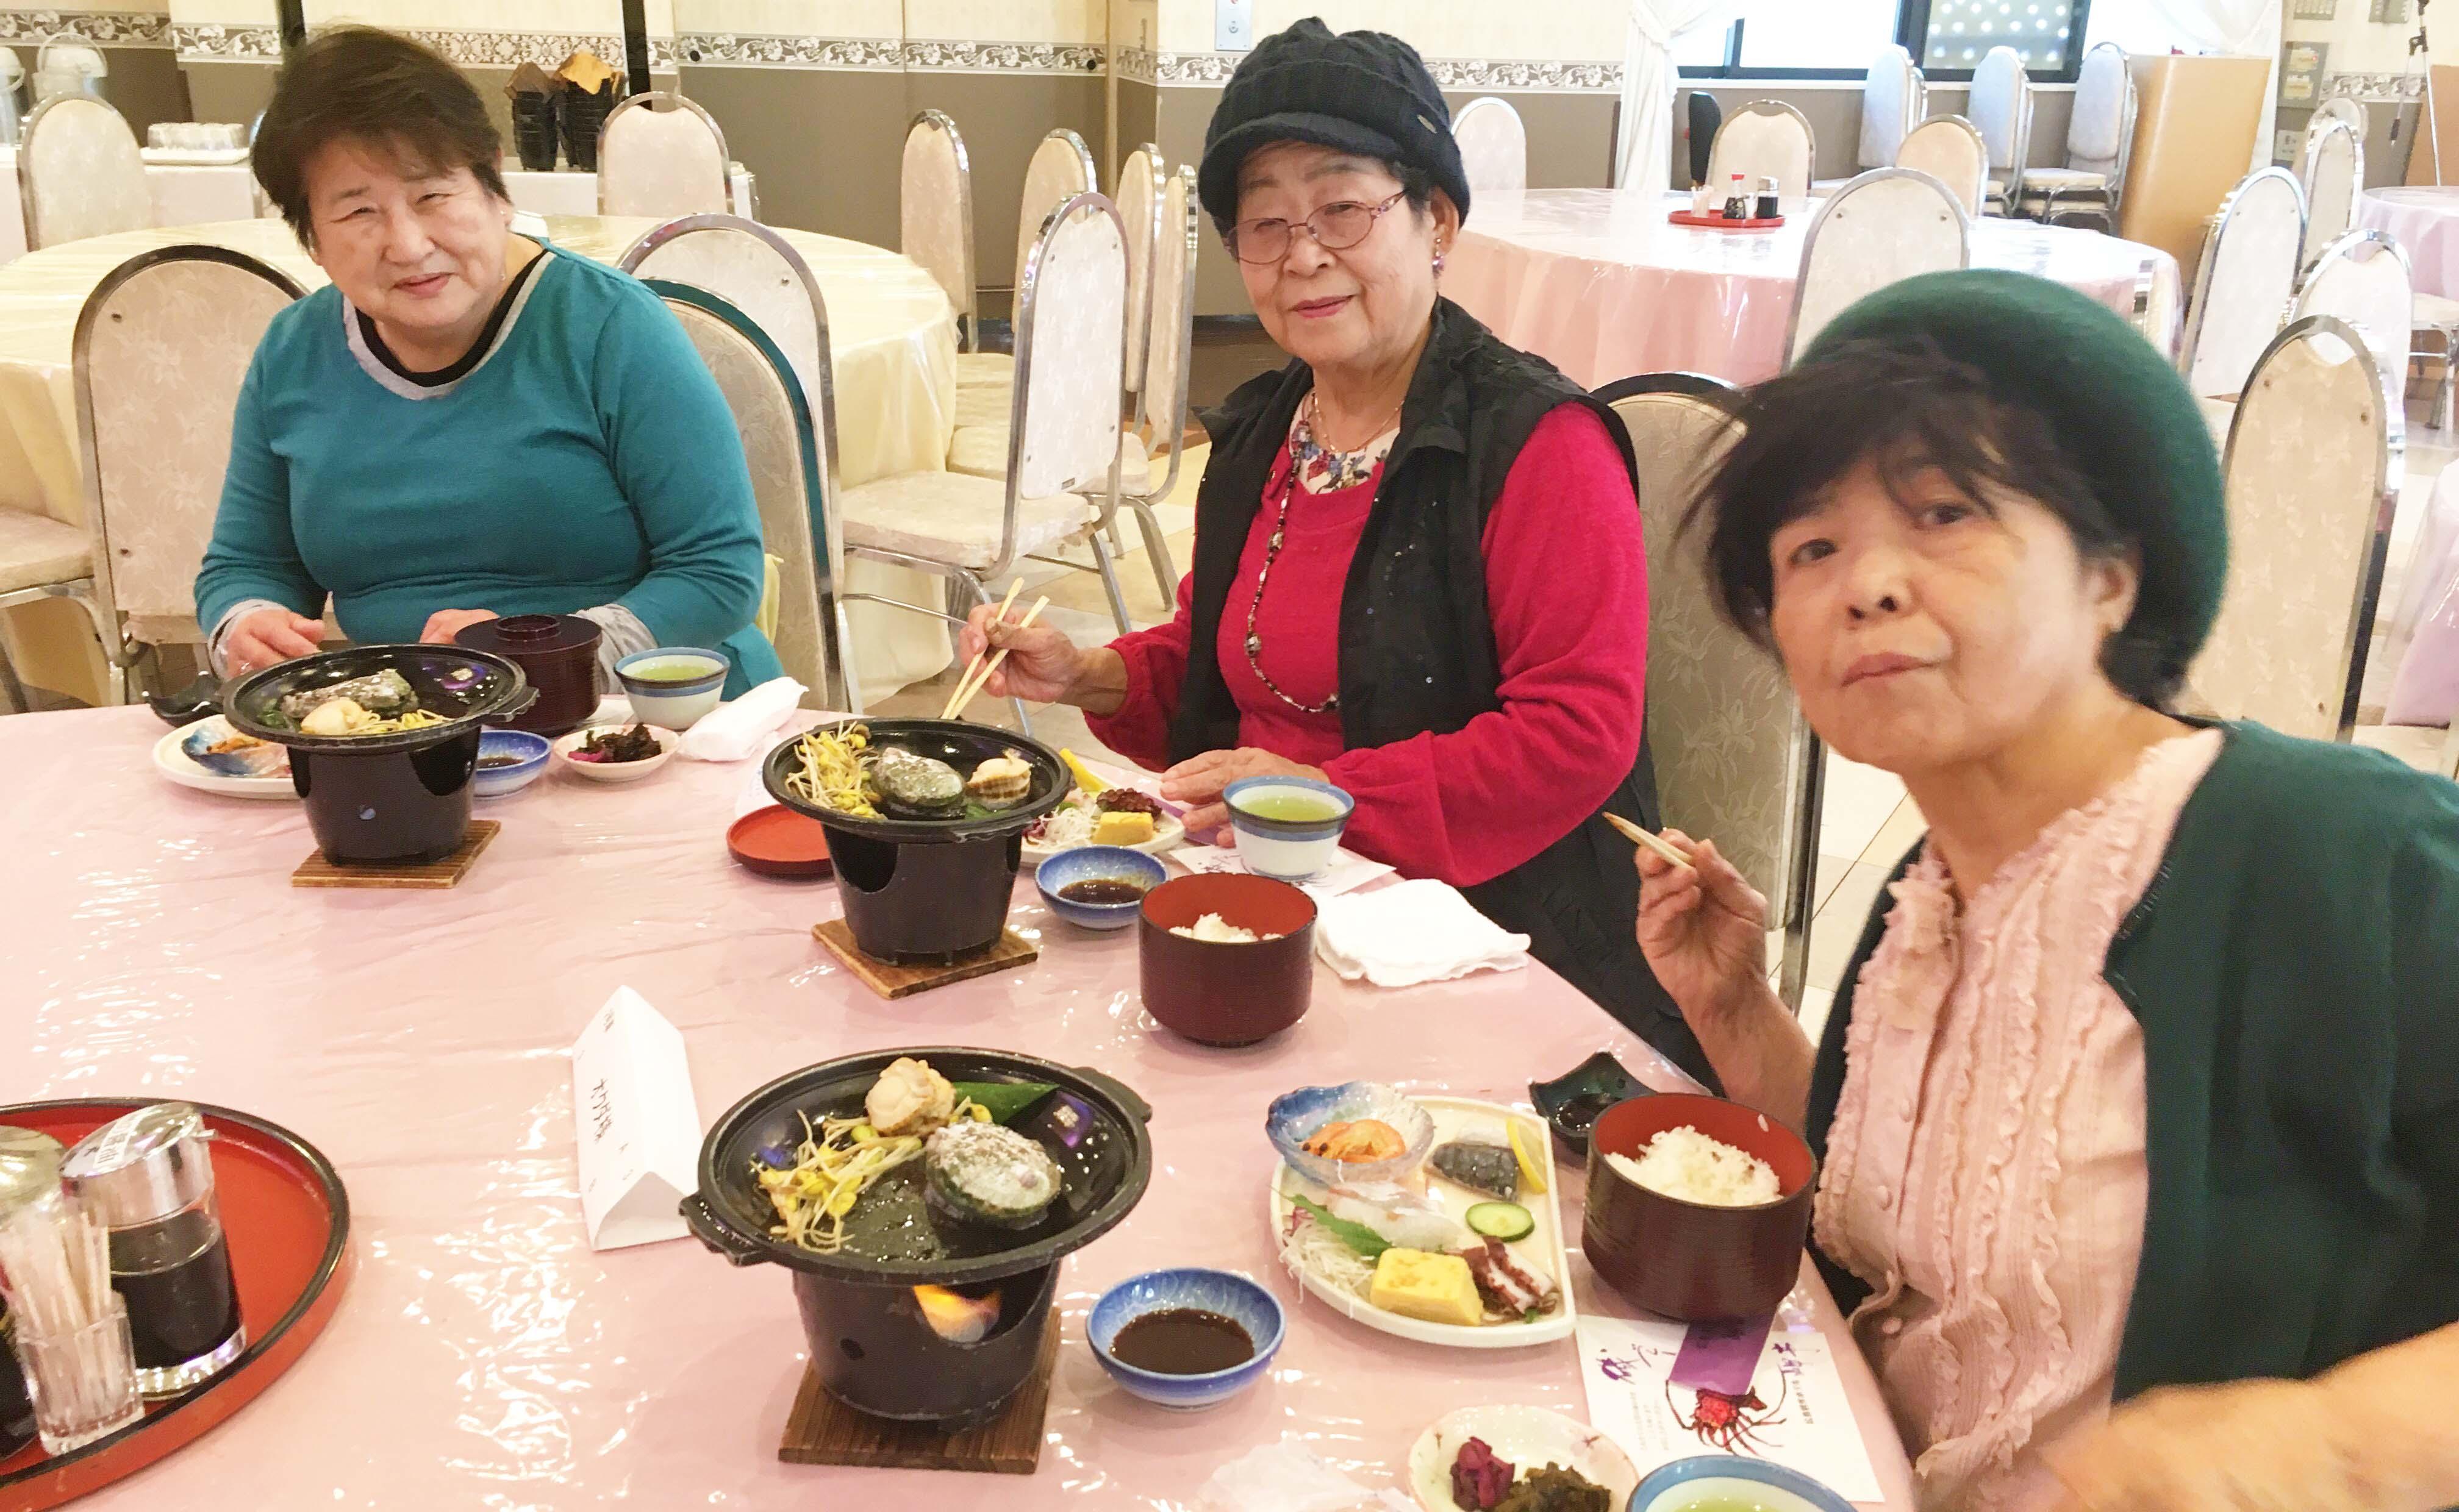 熊本 豪華ご昼食&世界遺産三角西港ツアー催行!